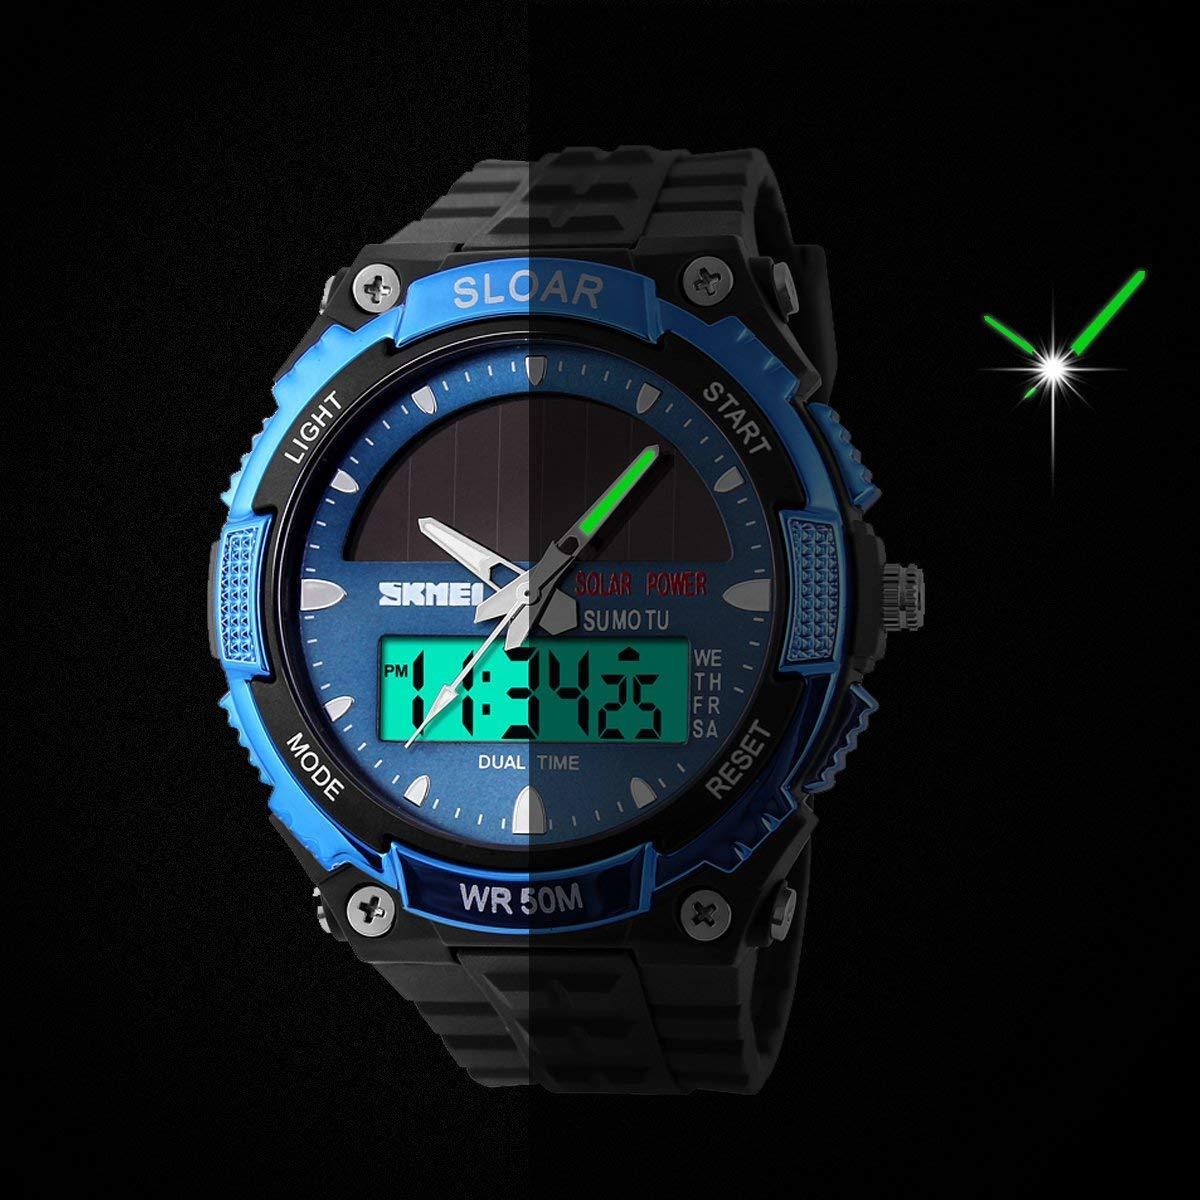 49blue ソーラー腕時計 メンズ デジアナウォッチ スポーツ 人気ブランド おしゃれ ファション クロノグラフ シリコン [_画像5